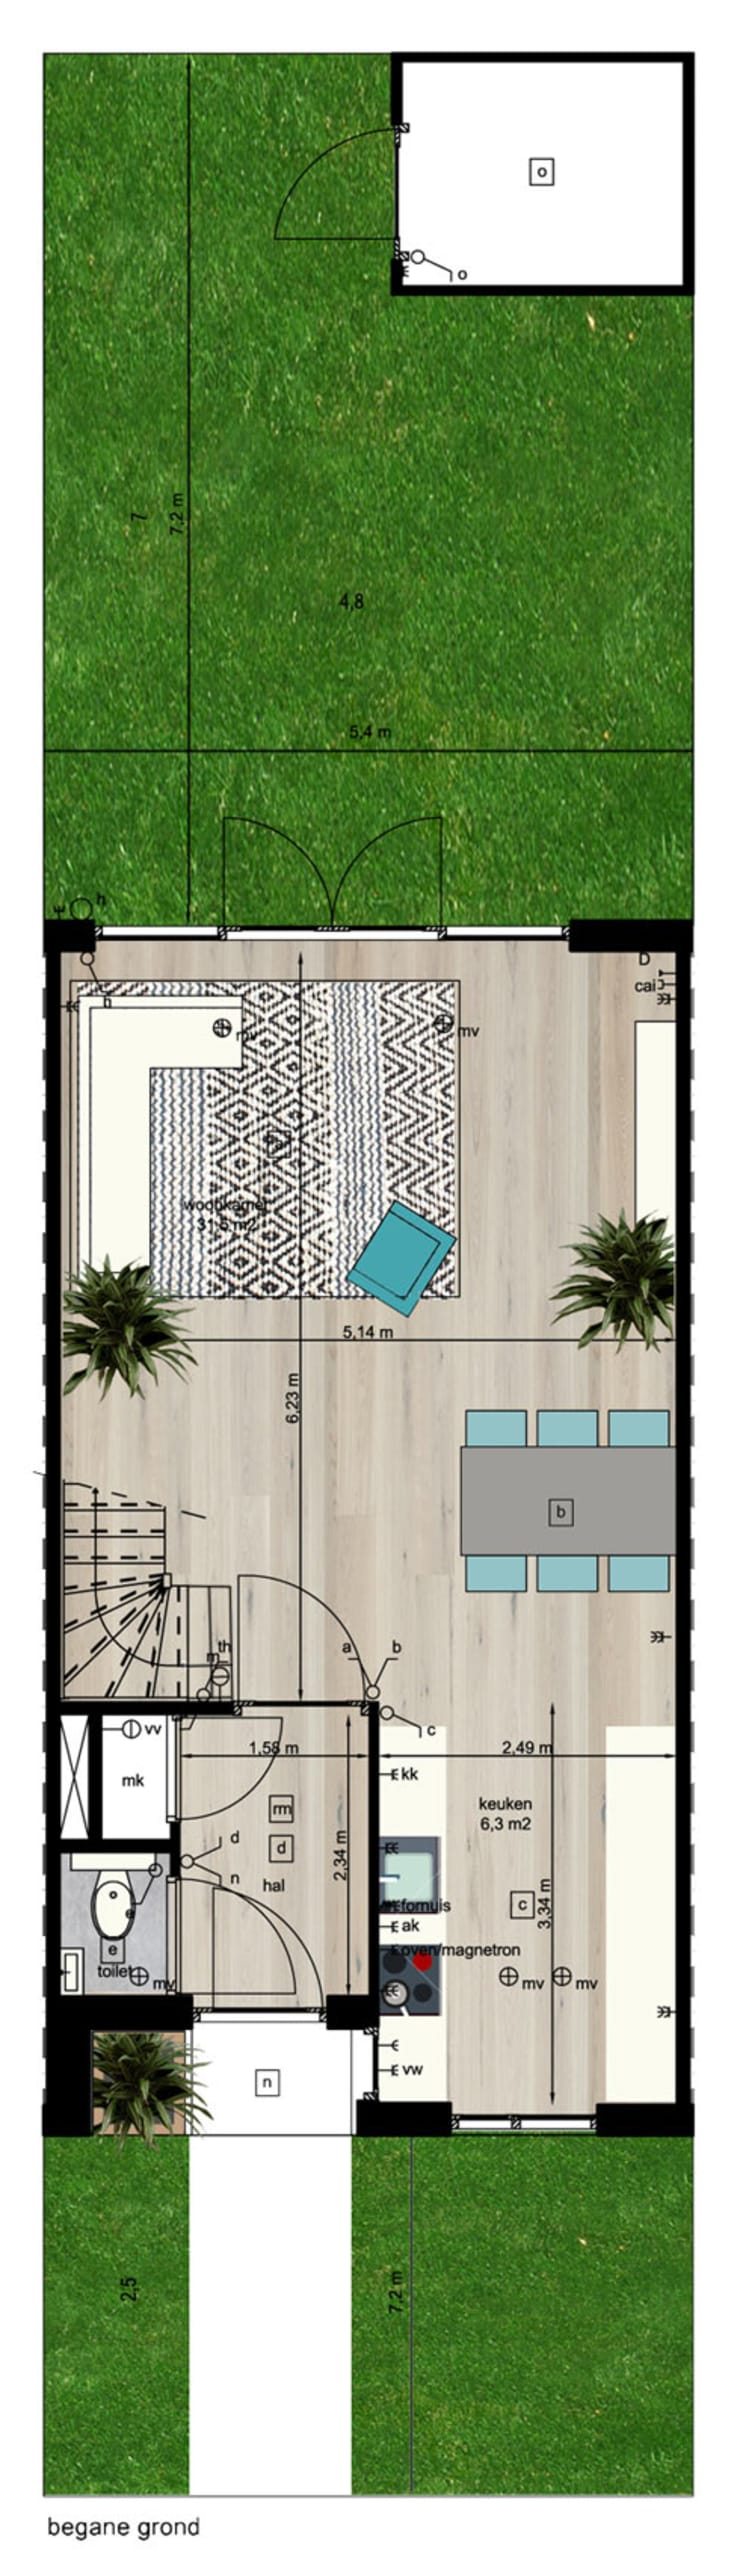 Woning vrije kavel begane grond:  Huizen door YA Architecten